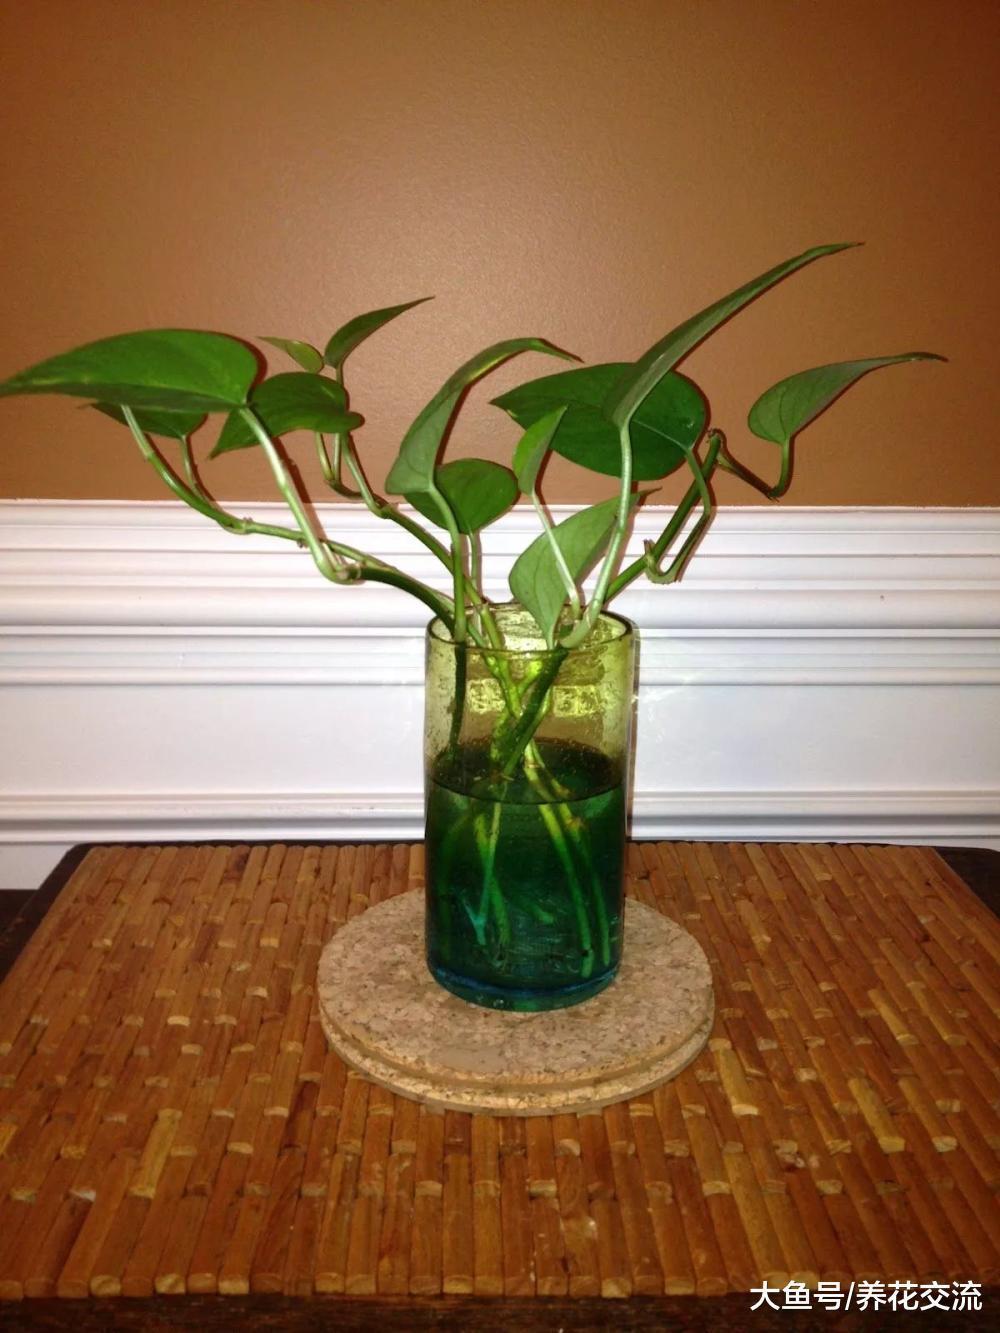 栽培盆栽绿萝用什么土壤最好, 对花盆有什么要求?